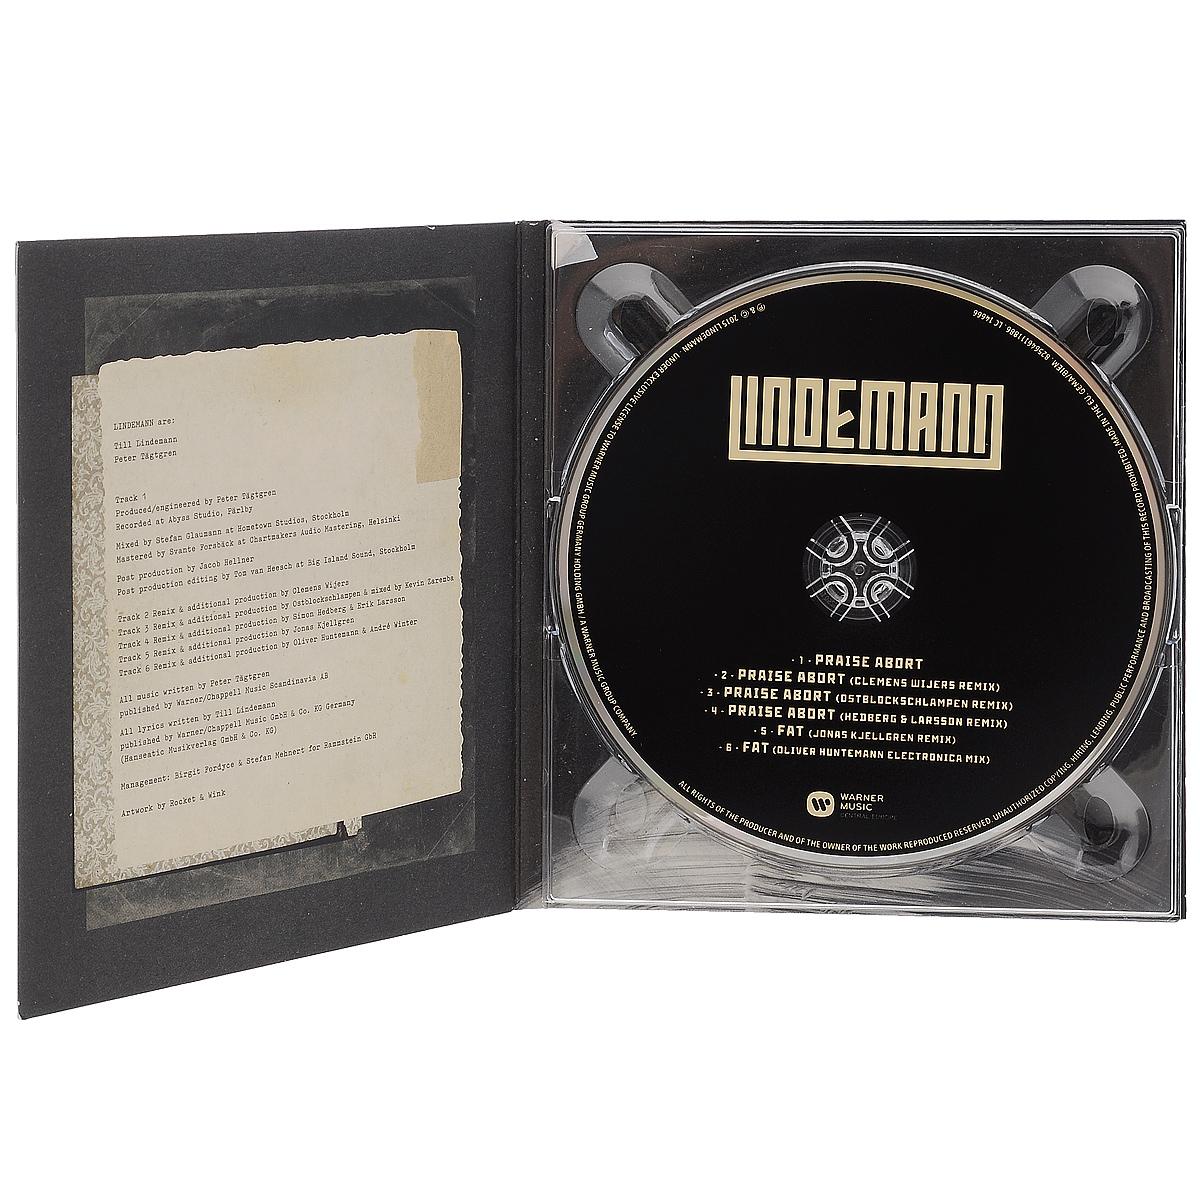 Lindemann.  Praise Abort Warner Music